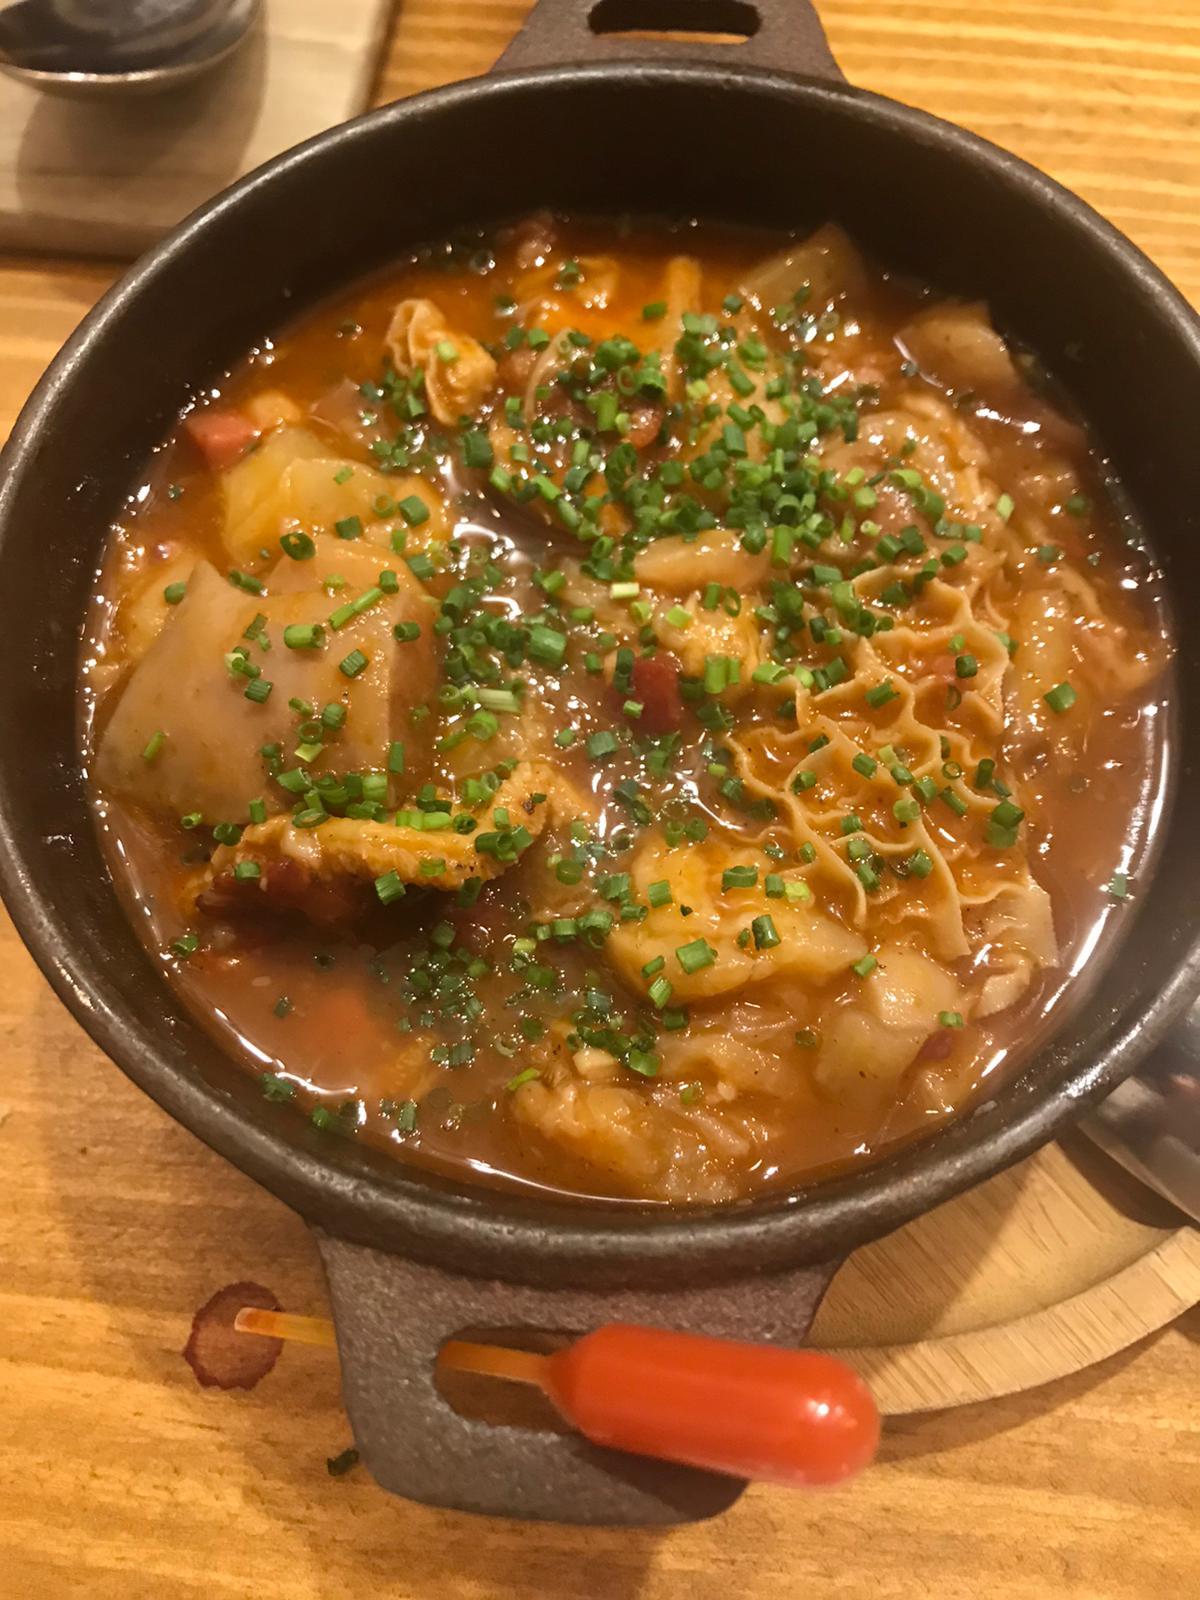 Reseña gastronómica: La Tasquería en Madrid 4